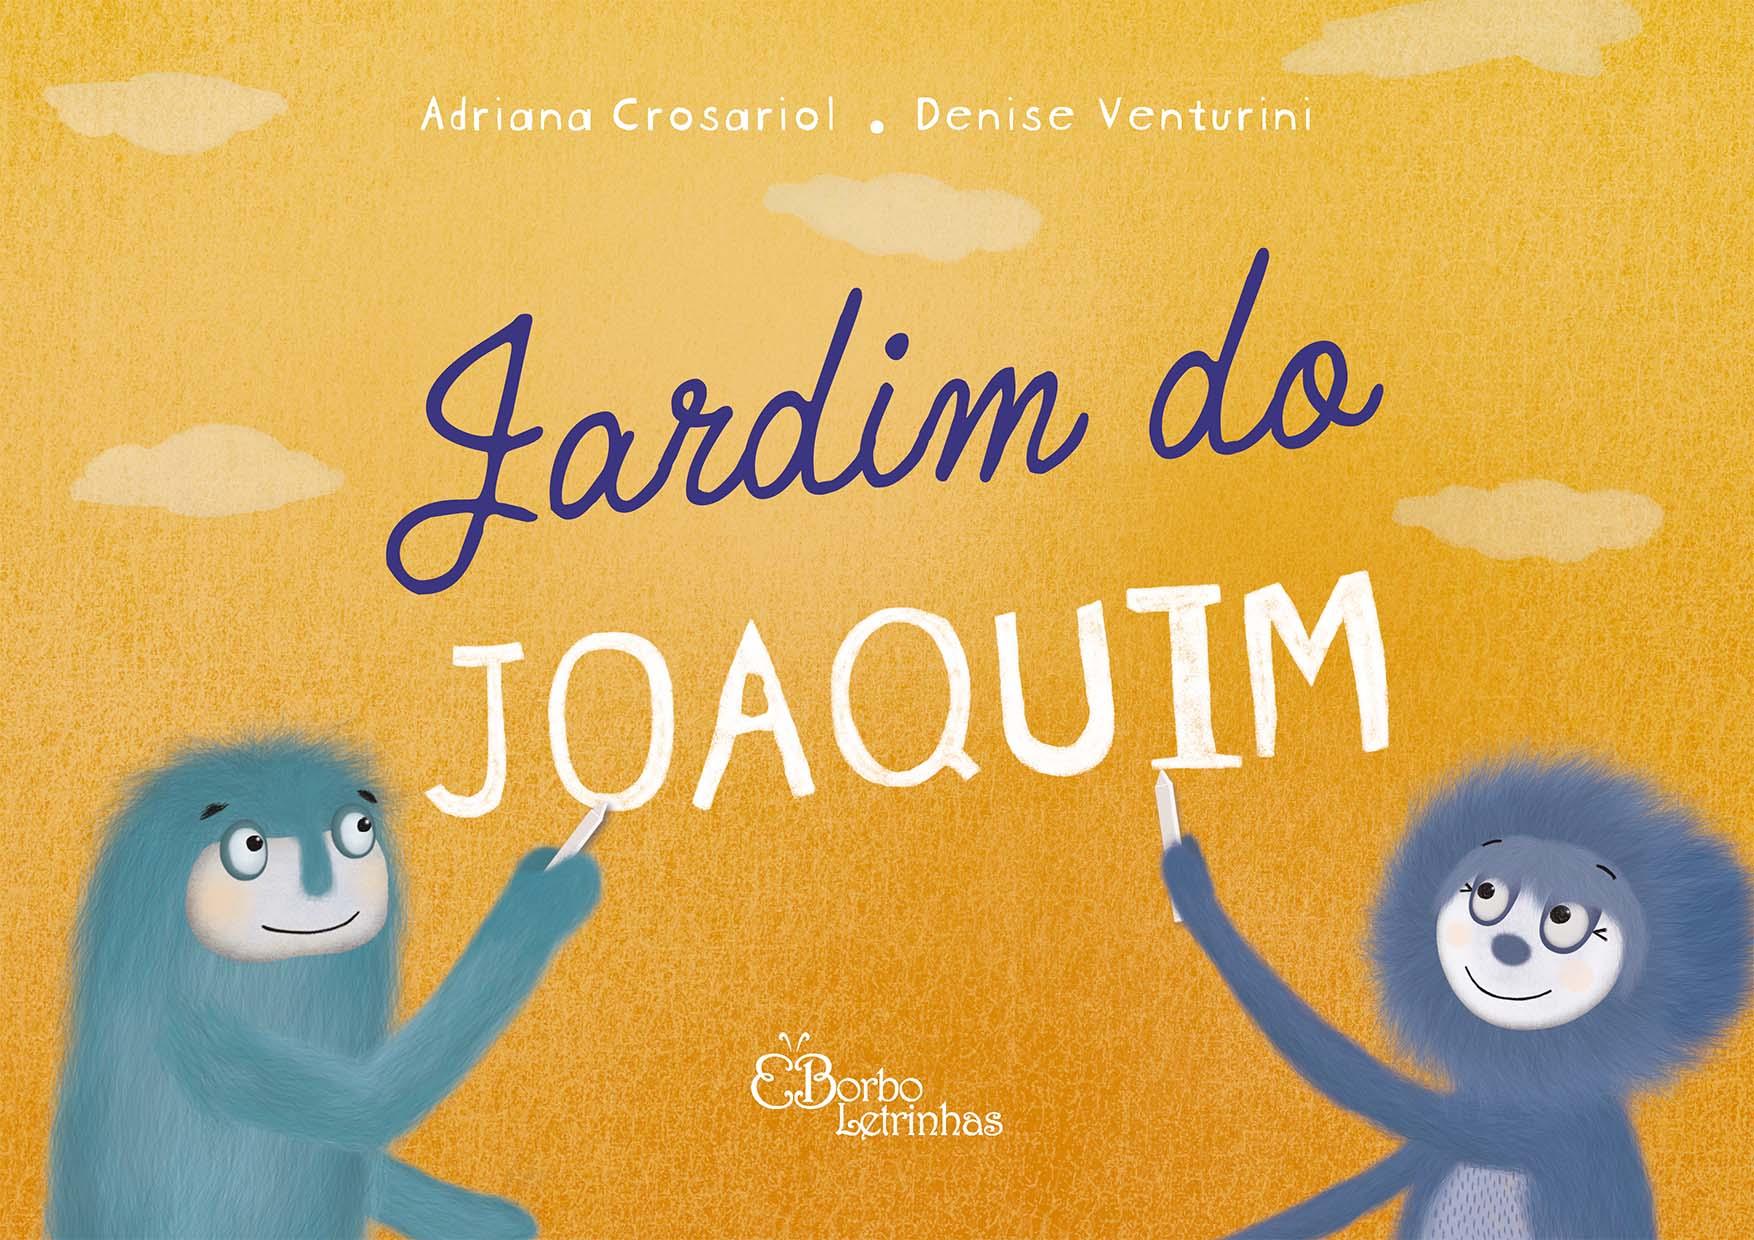 Jardim do Joaquim